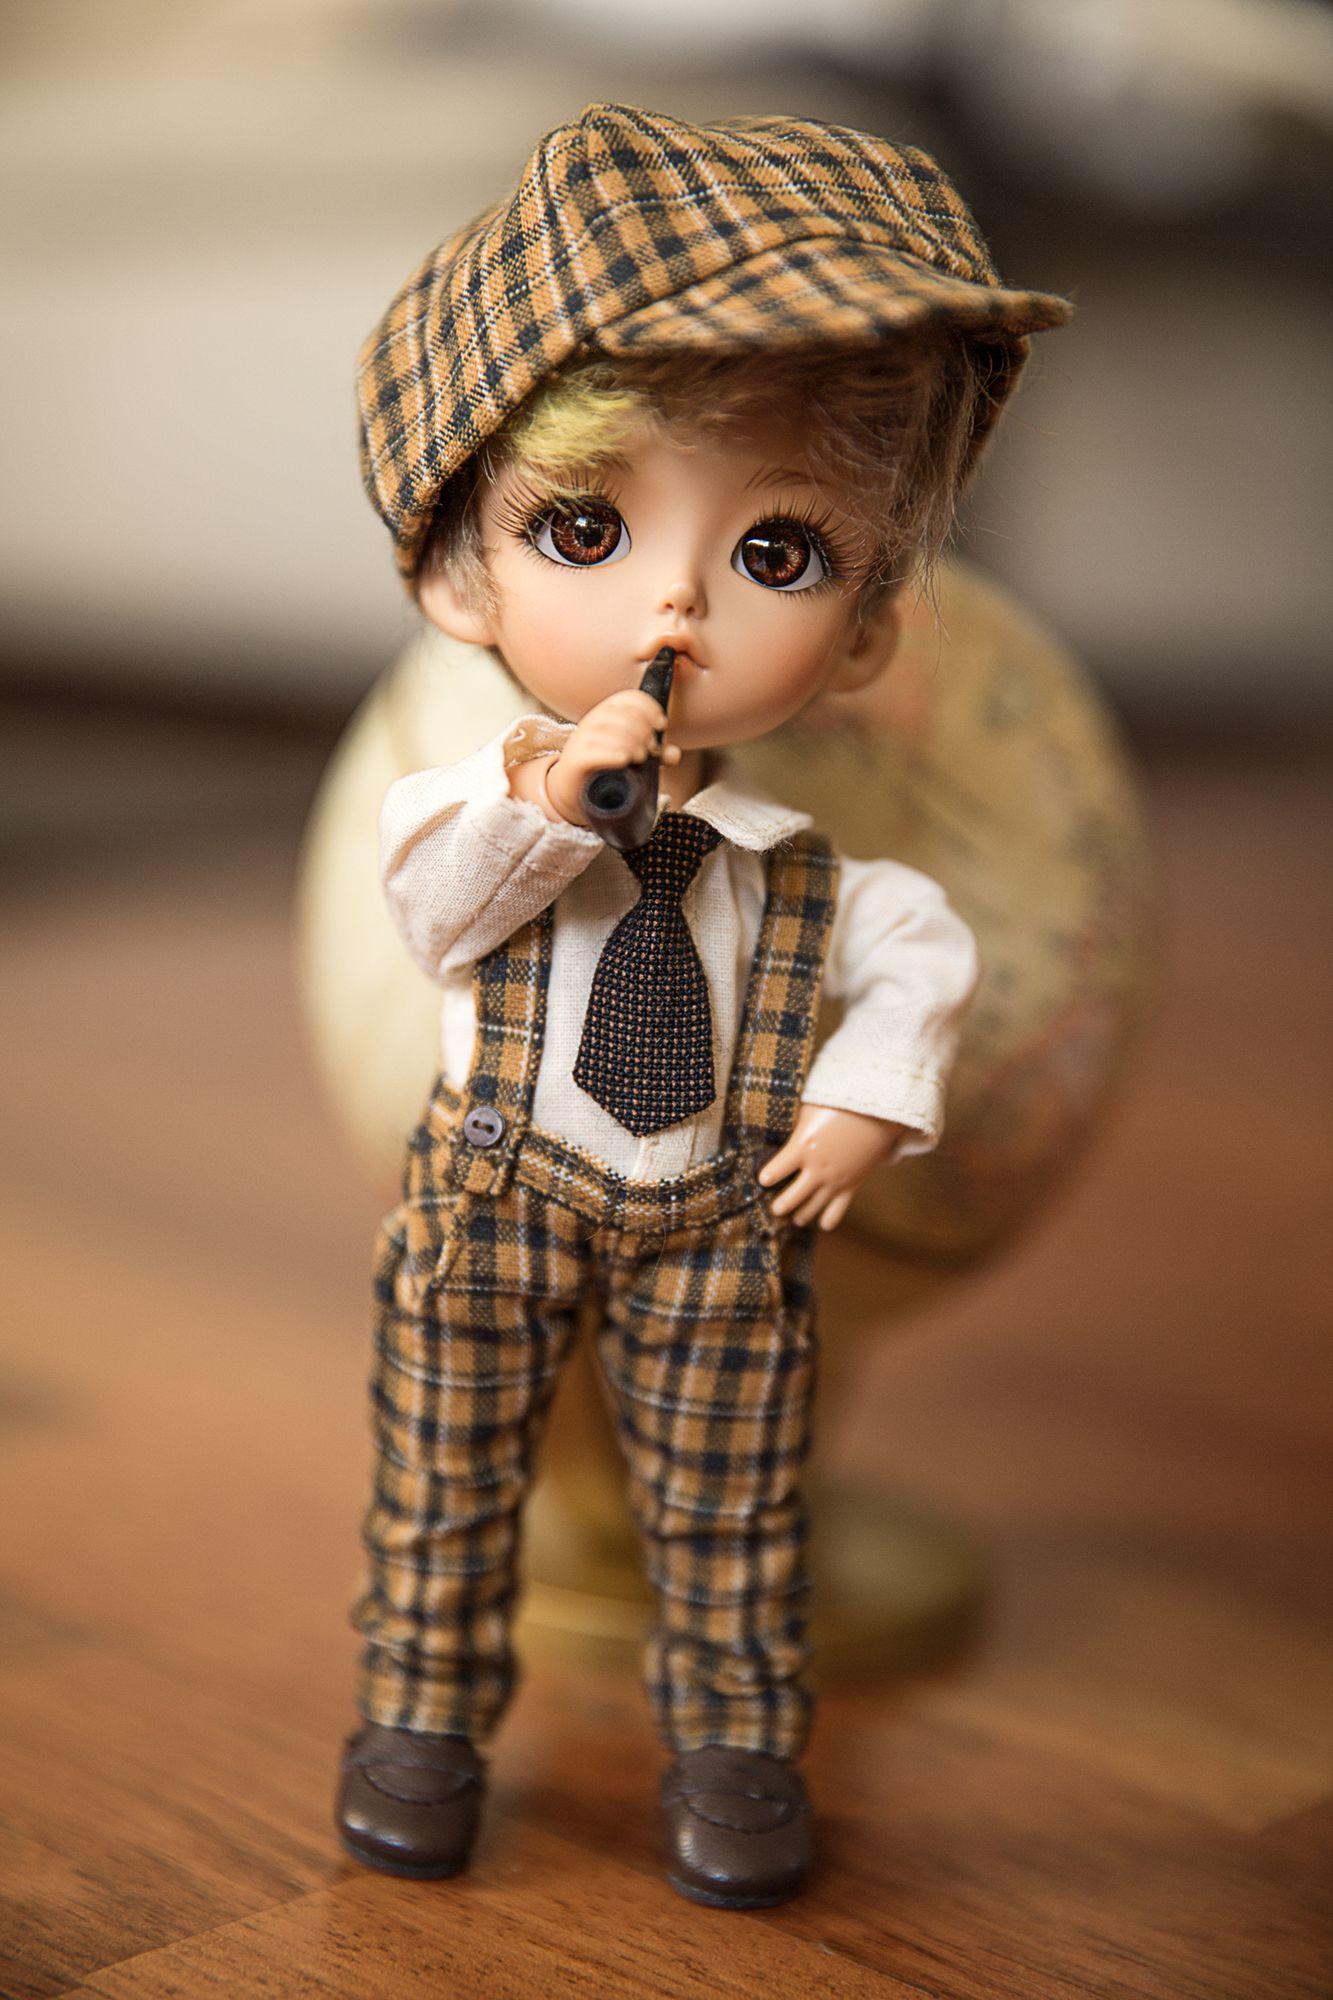 Pin by R. Gomathi on Fashion dolls Cute cartoon